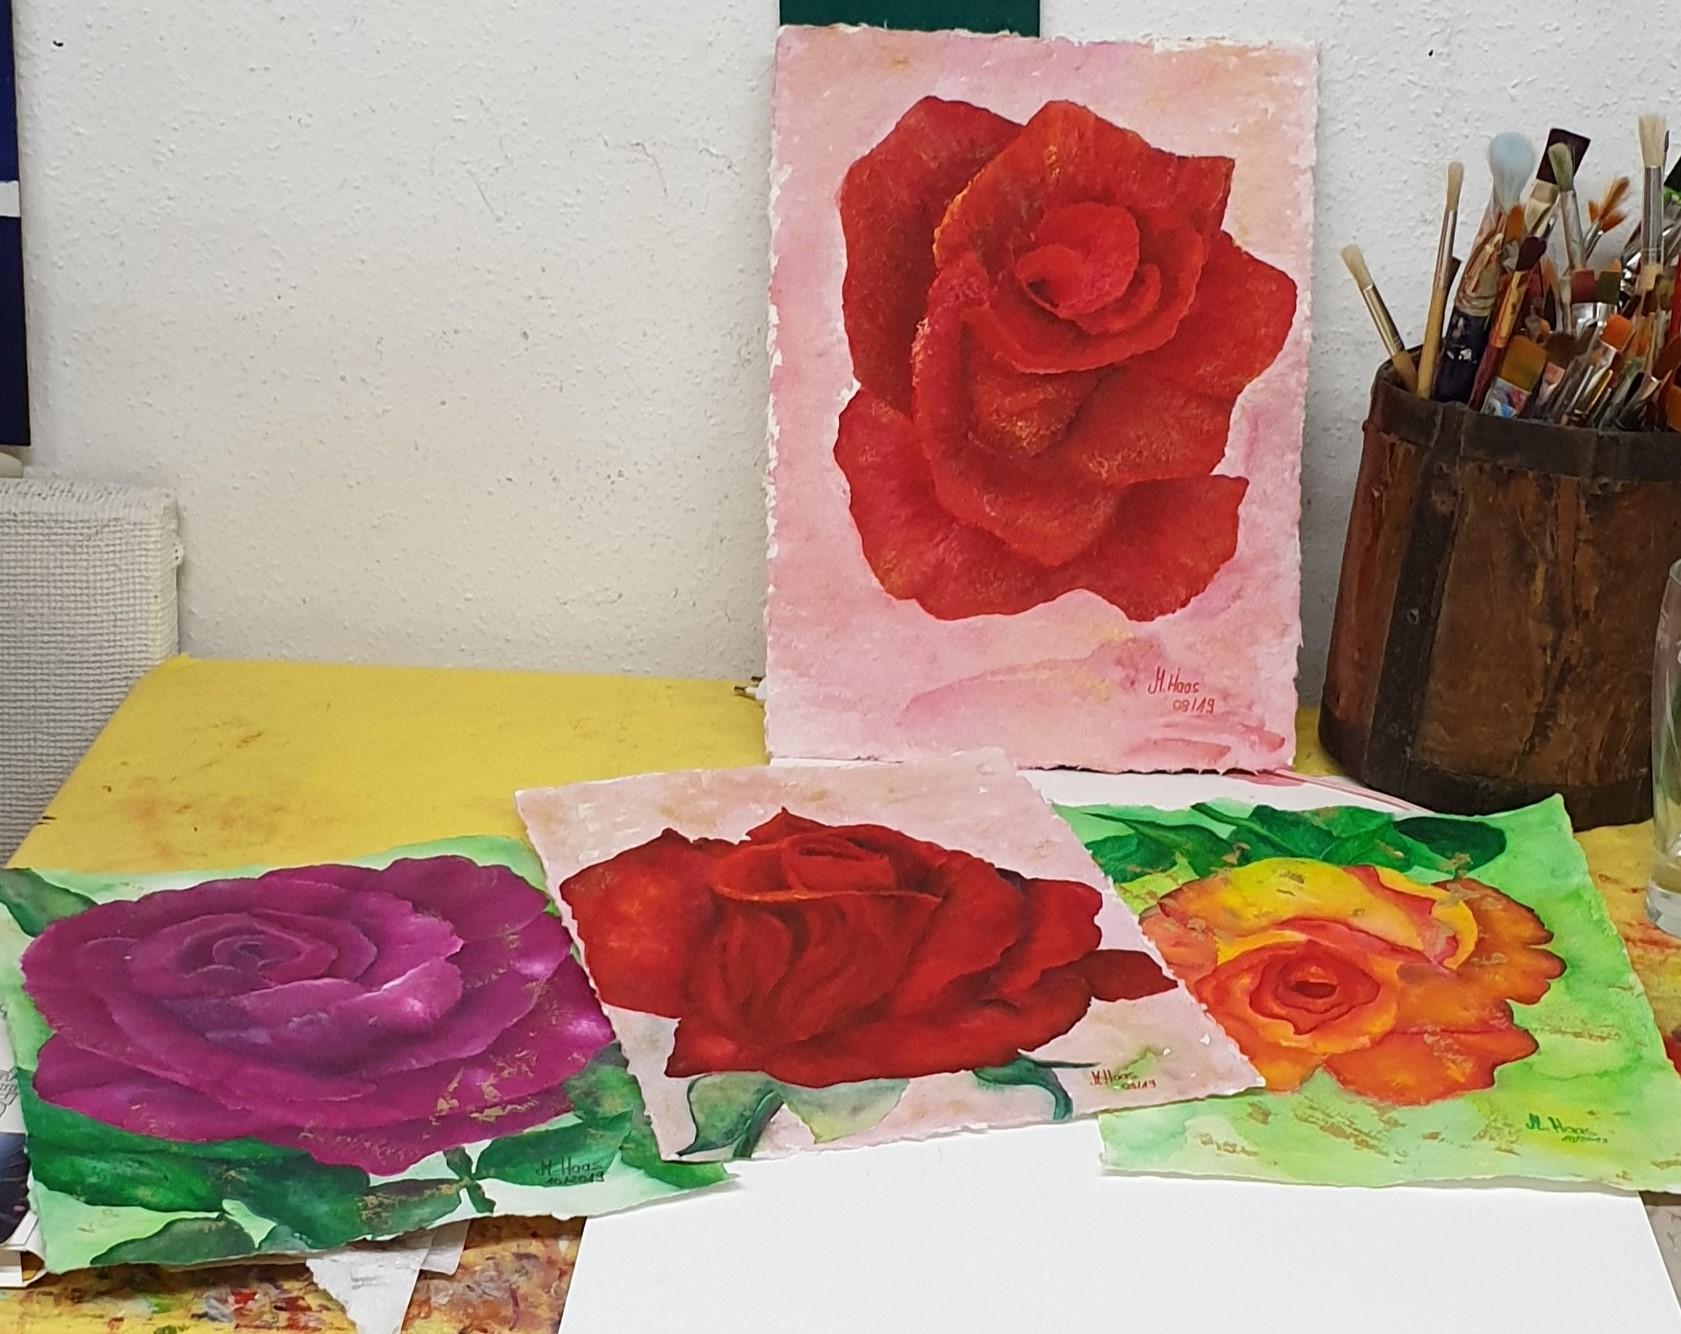 Rosenmalereien-auf-handgeschöpftem-Papier-Rosen-rot-gelborange-pink-gold-Rheingau-Geschenke-aus-dem-Atelier